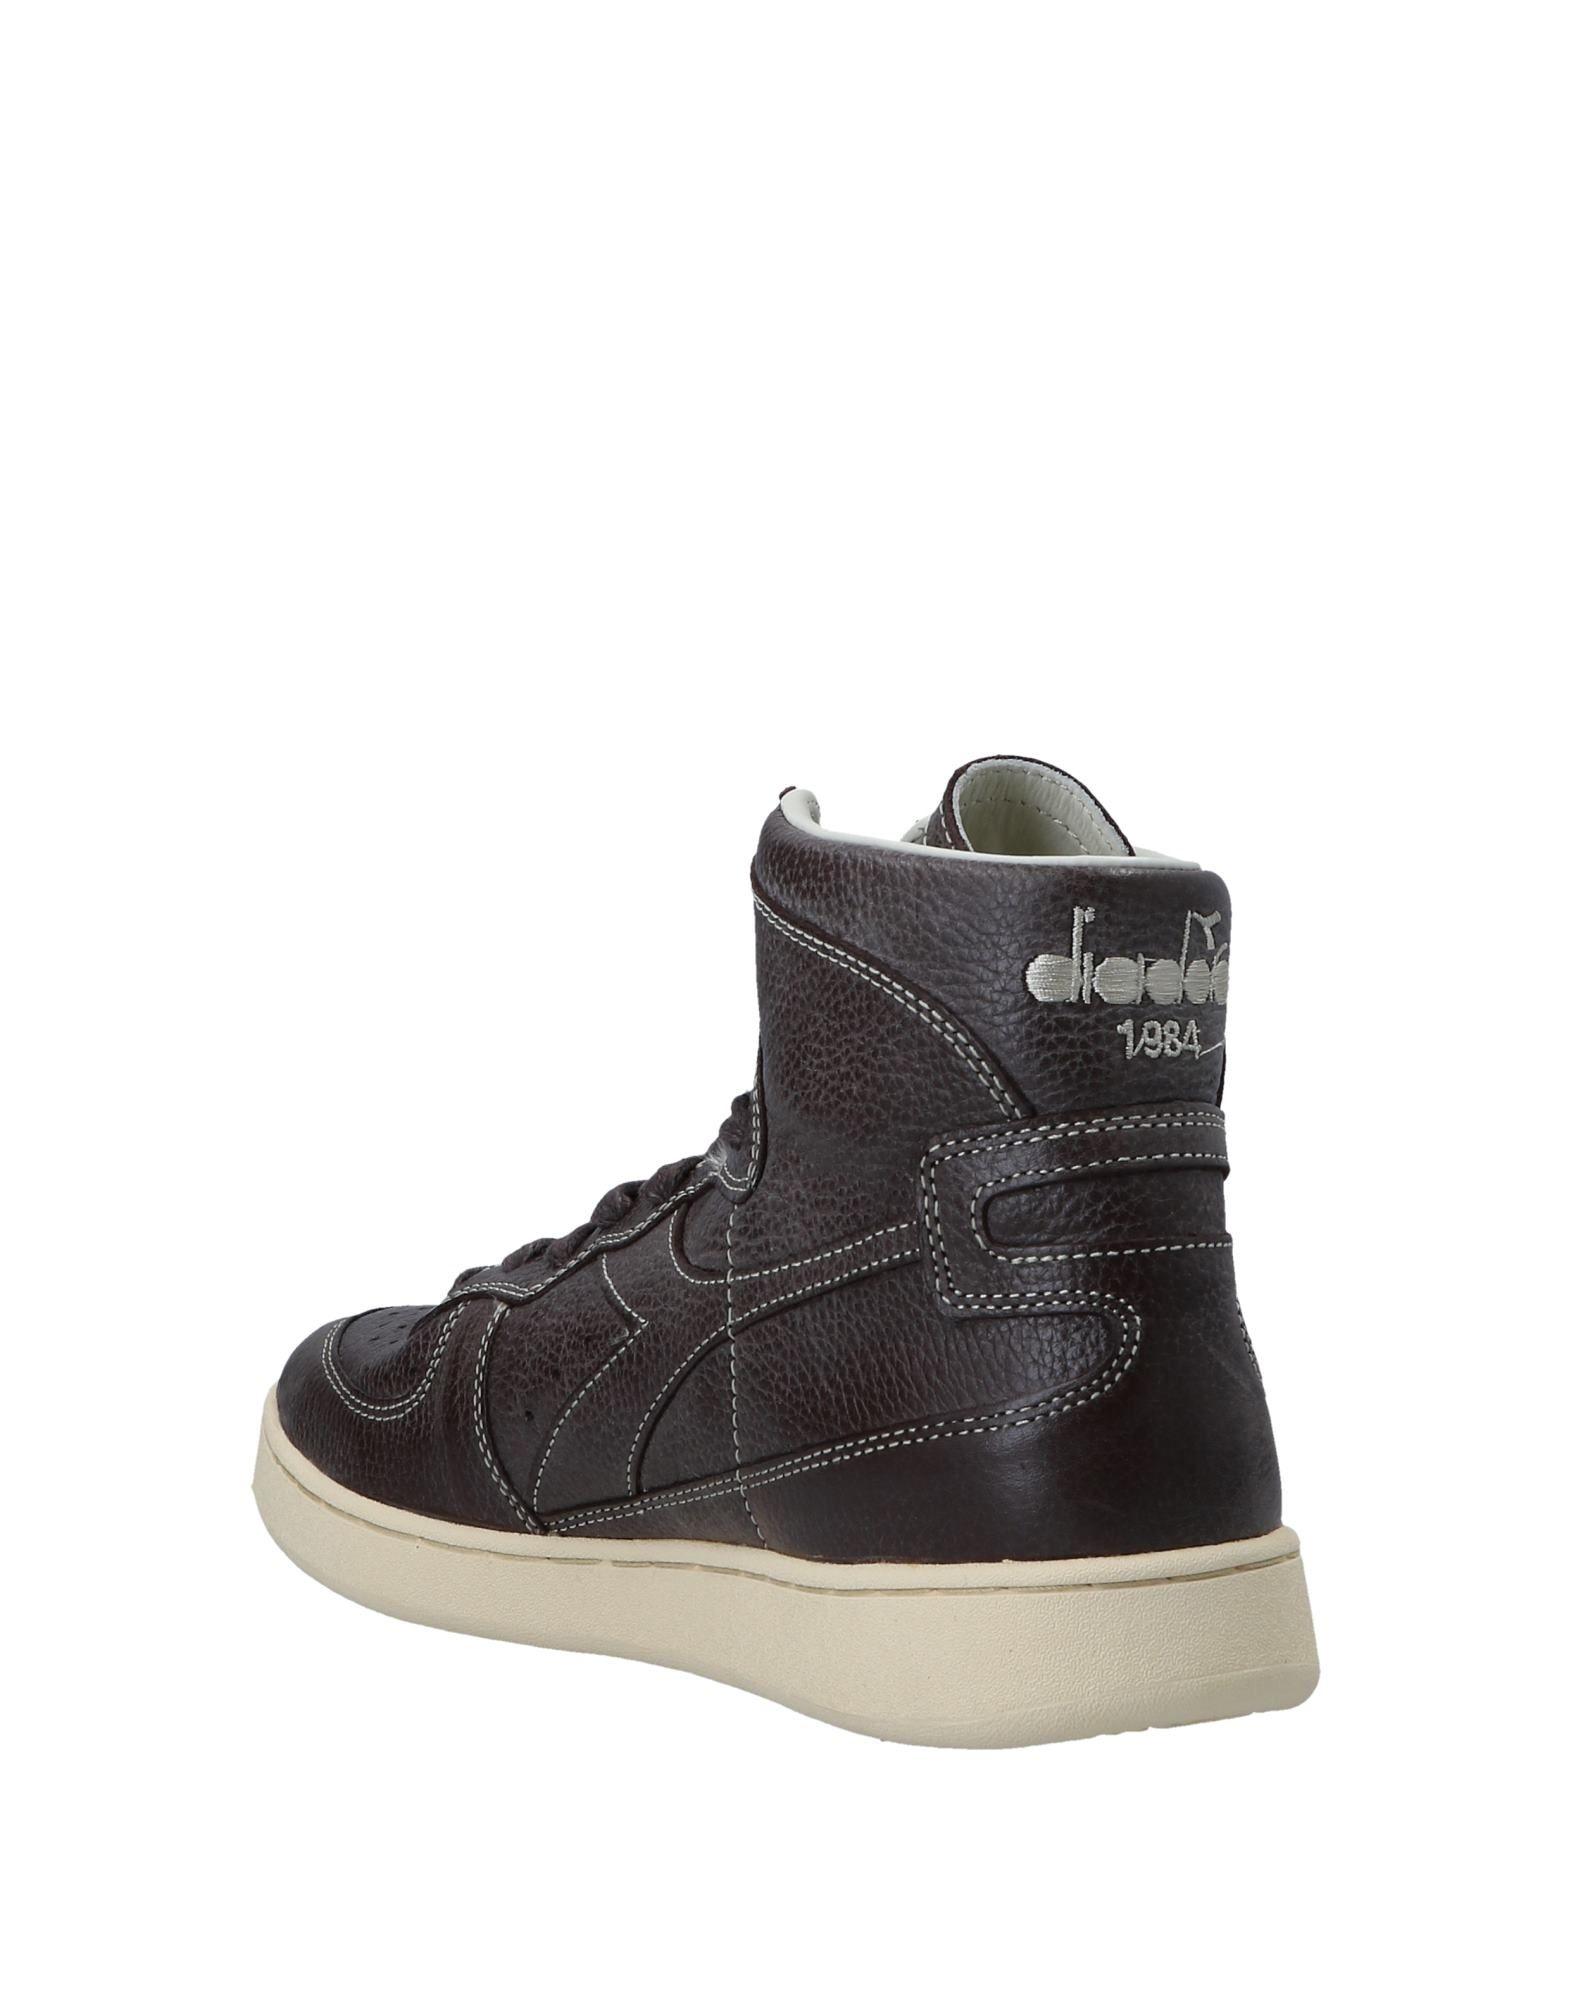 Rabatt Diadora echte Schuhe Diadora Rabatt Sneakers Herren  11556591QR 7cc351